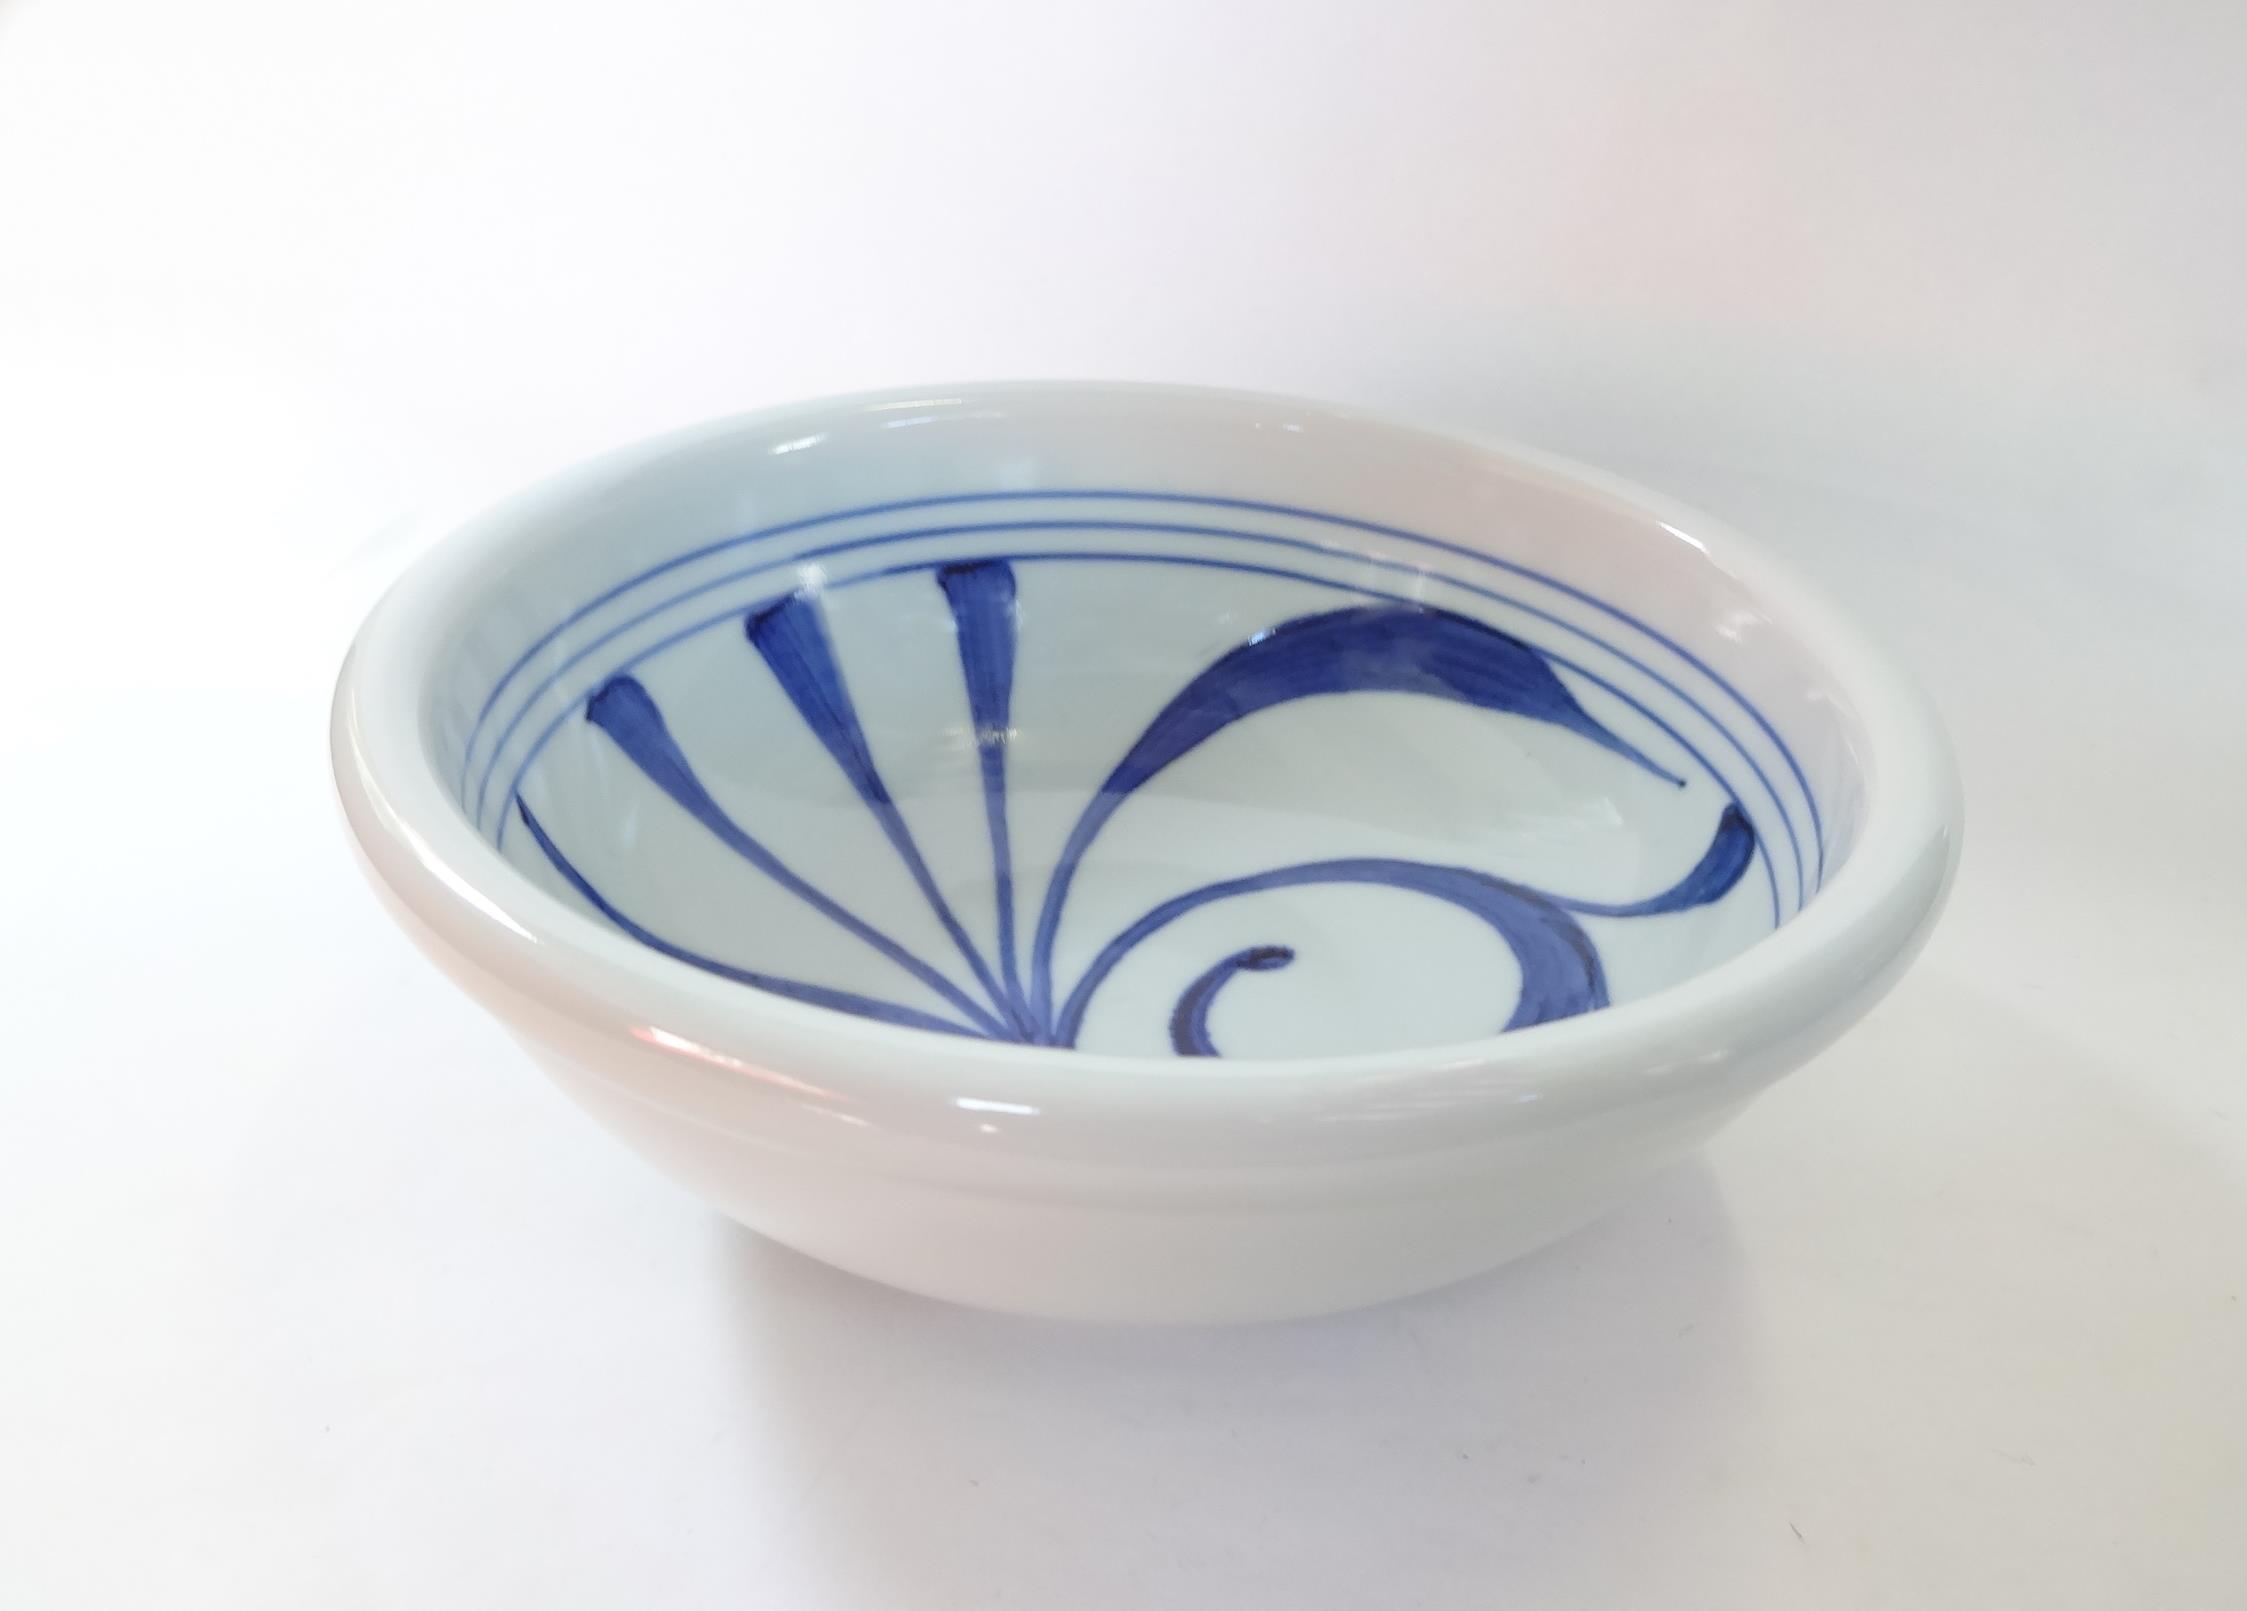 砥部焼 6寸玉縁鉢 一つ唐草